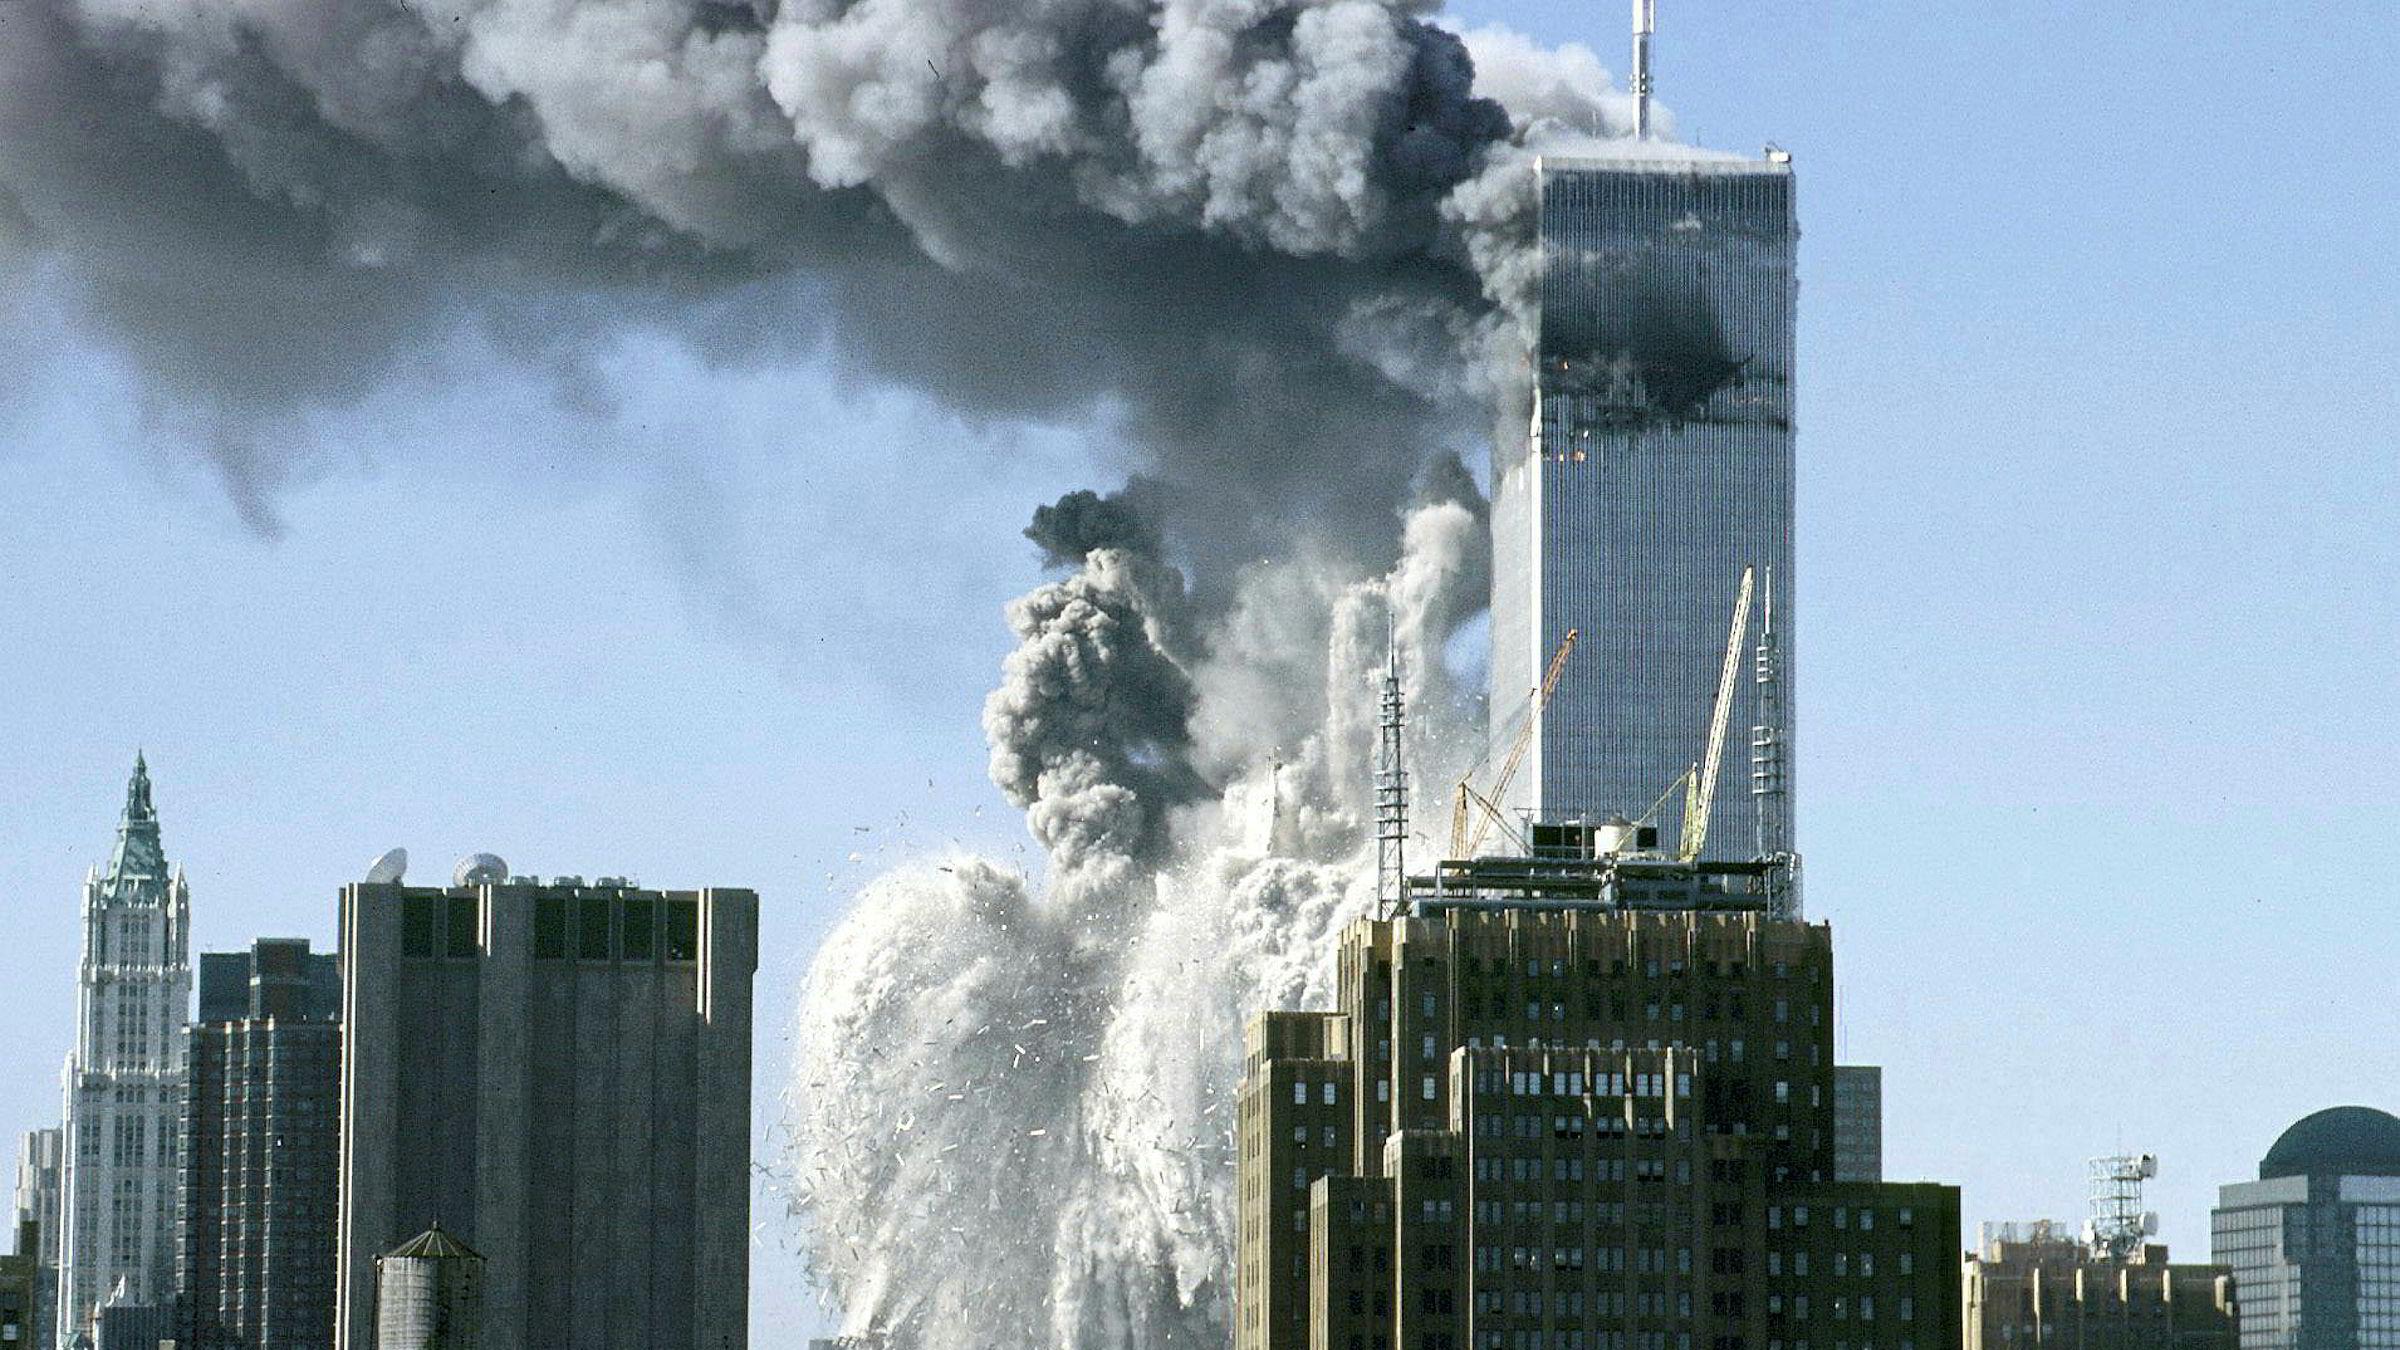 I den nyeste utgaven av Ny Tid hevdes det at en kontrollert rivning var den egentlige årsaken til at World Trade Cente kollapset 11. september 2001.